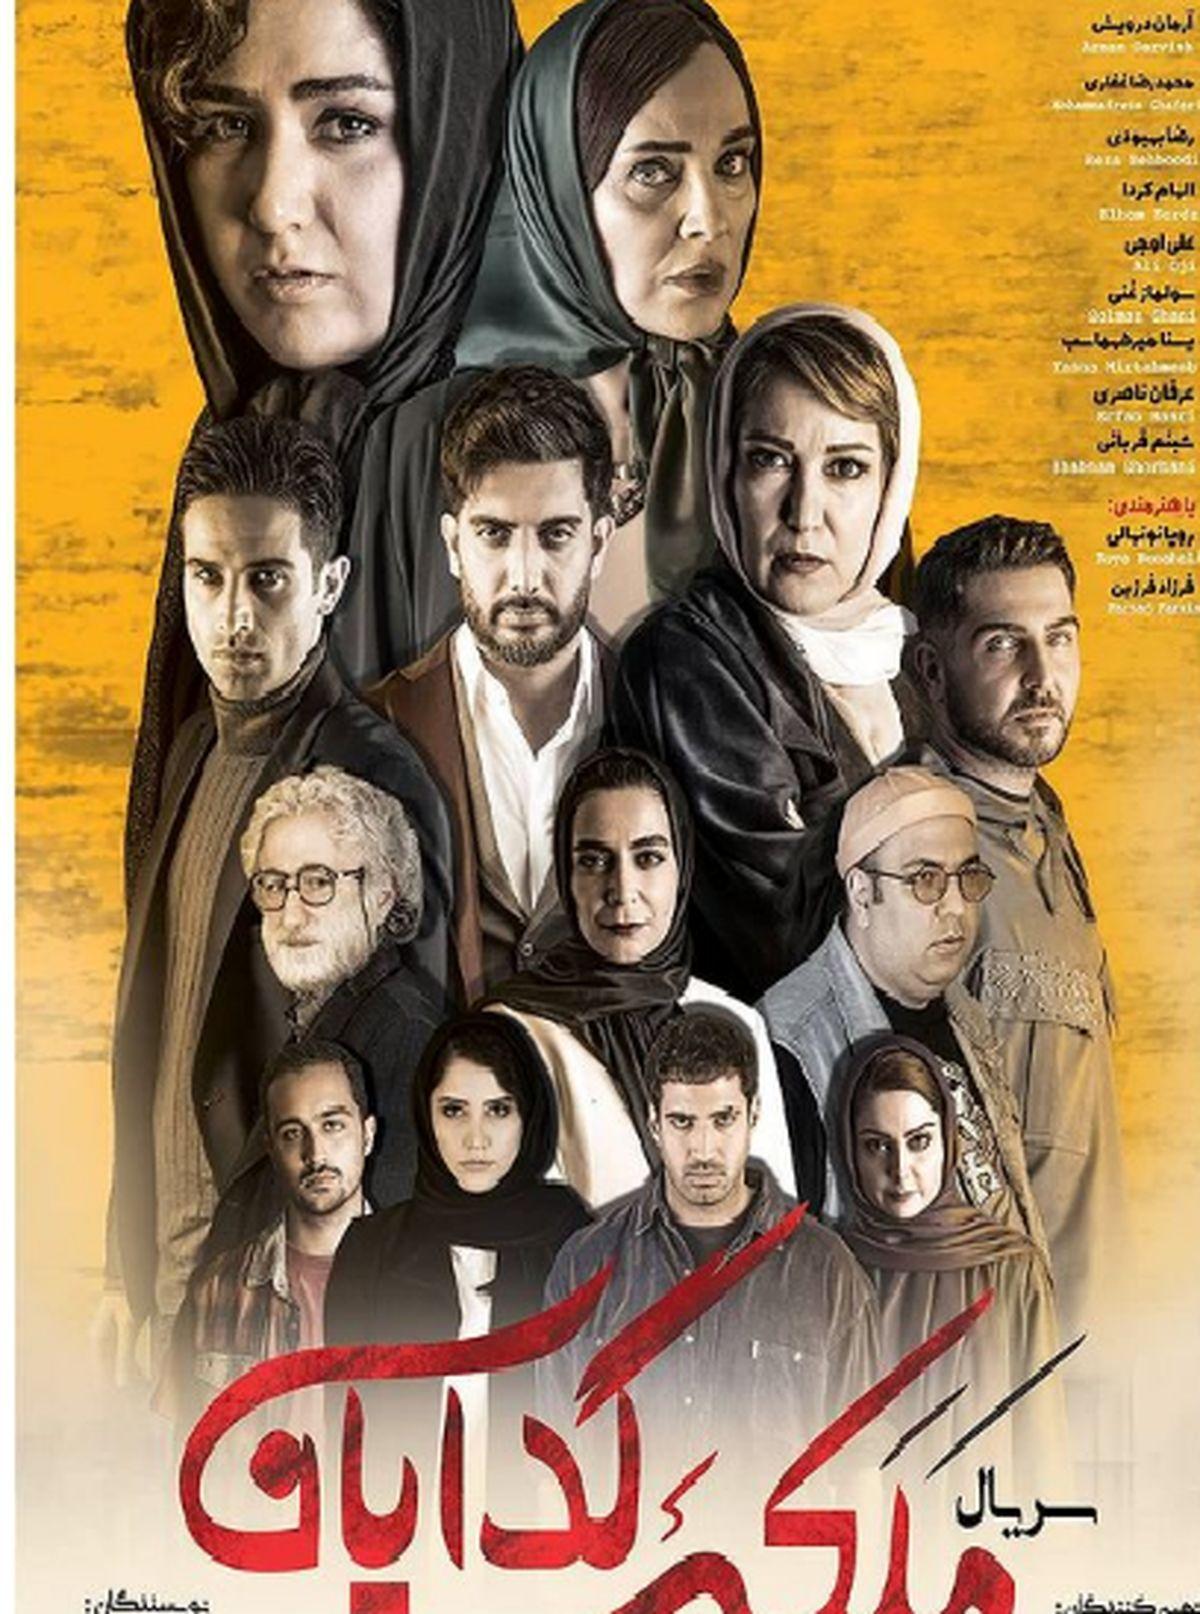 قسمت اول سریال ملکه گدایان پخش شد+ جزئیات